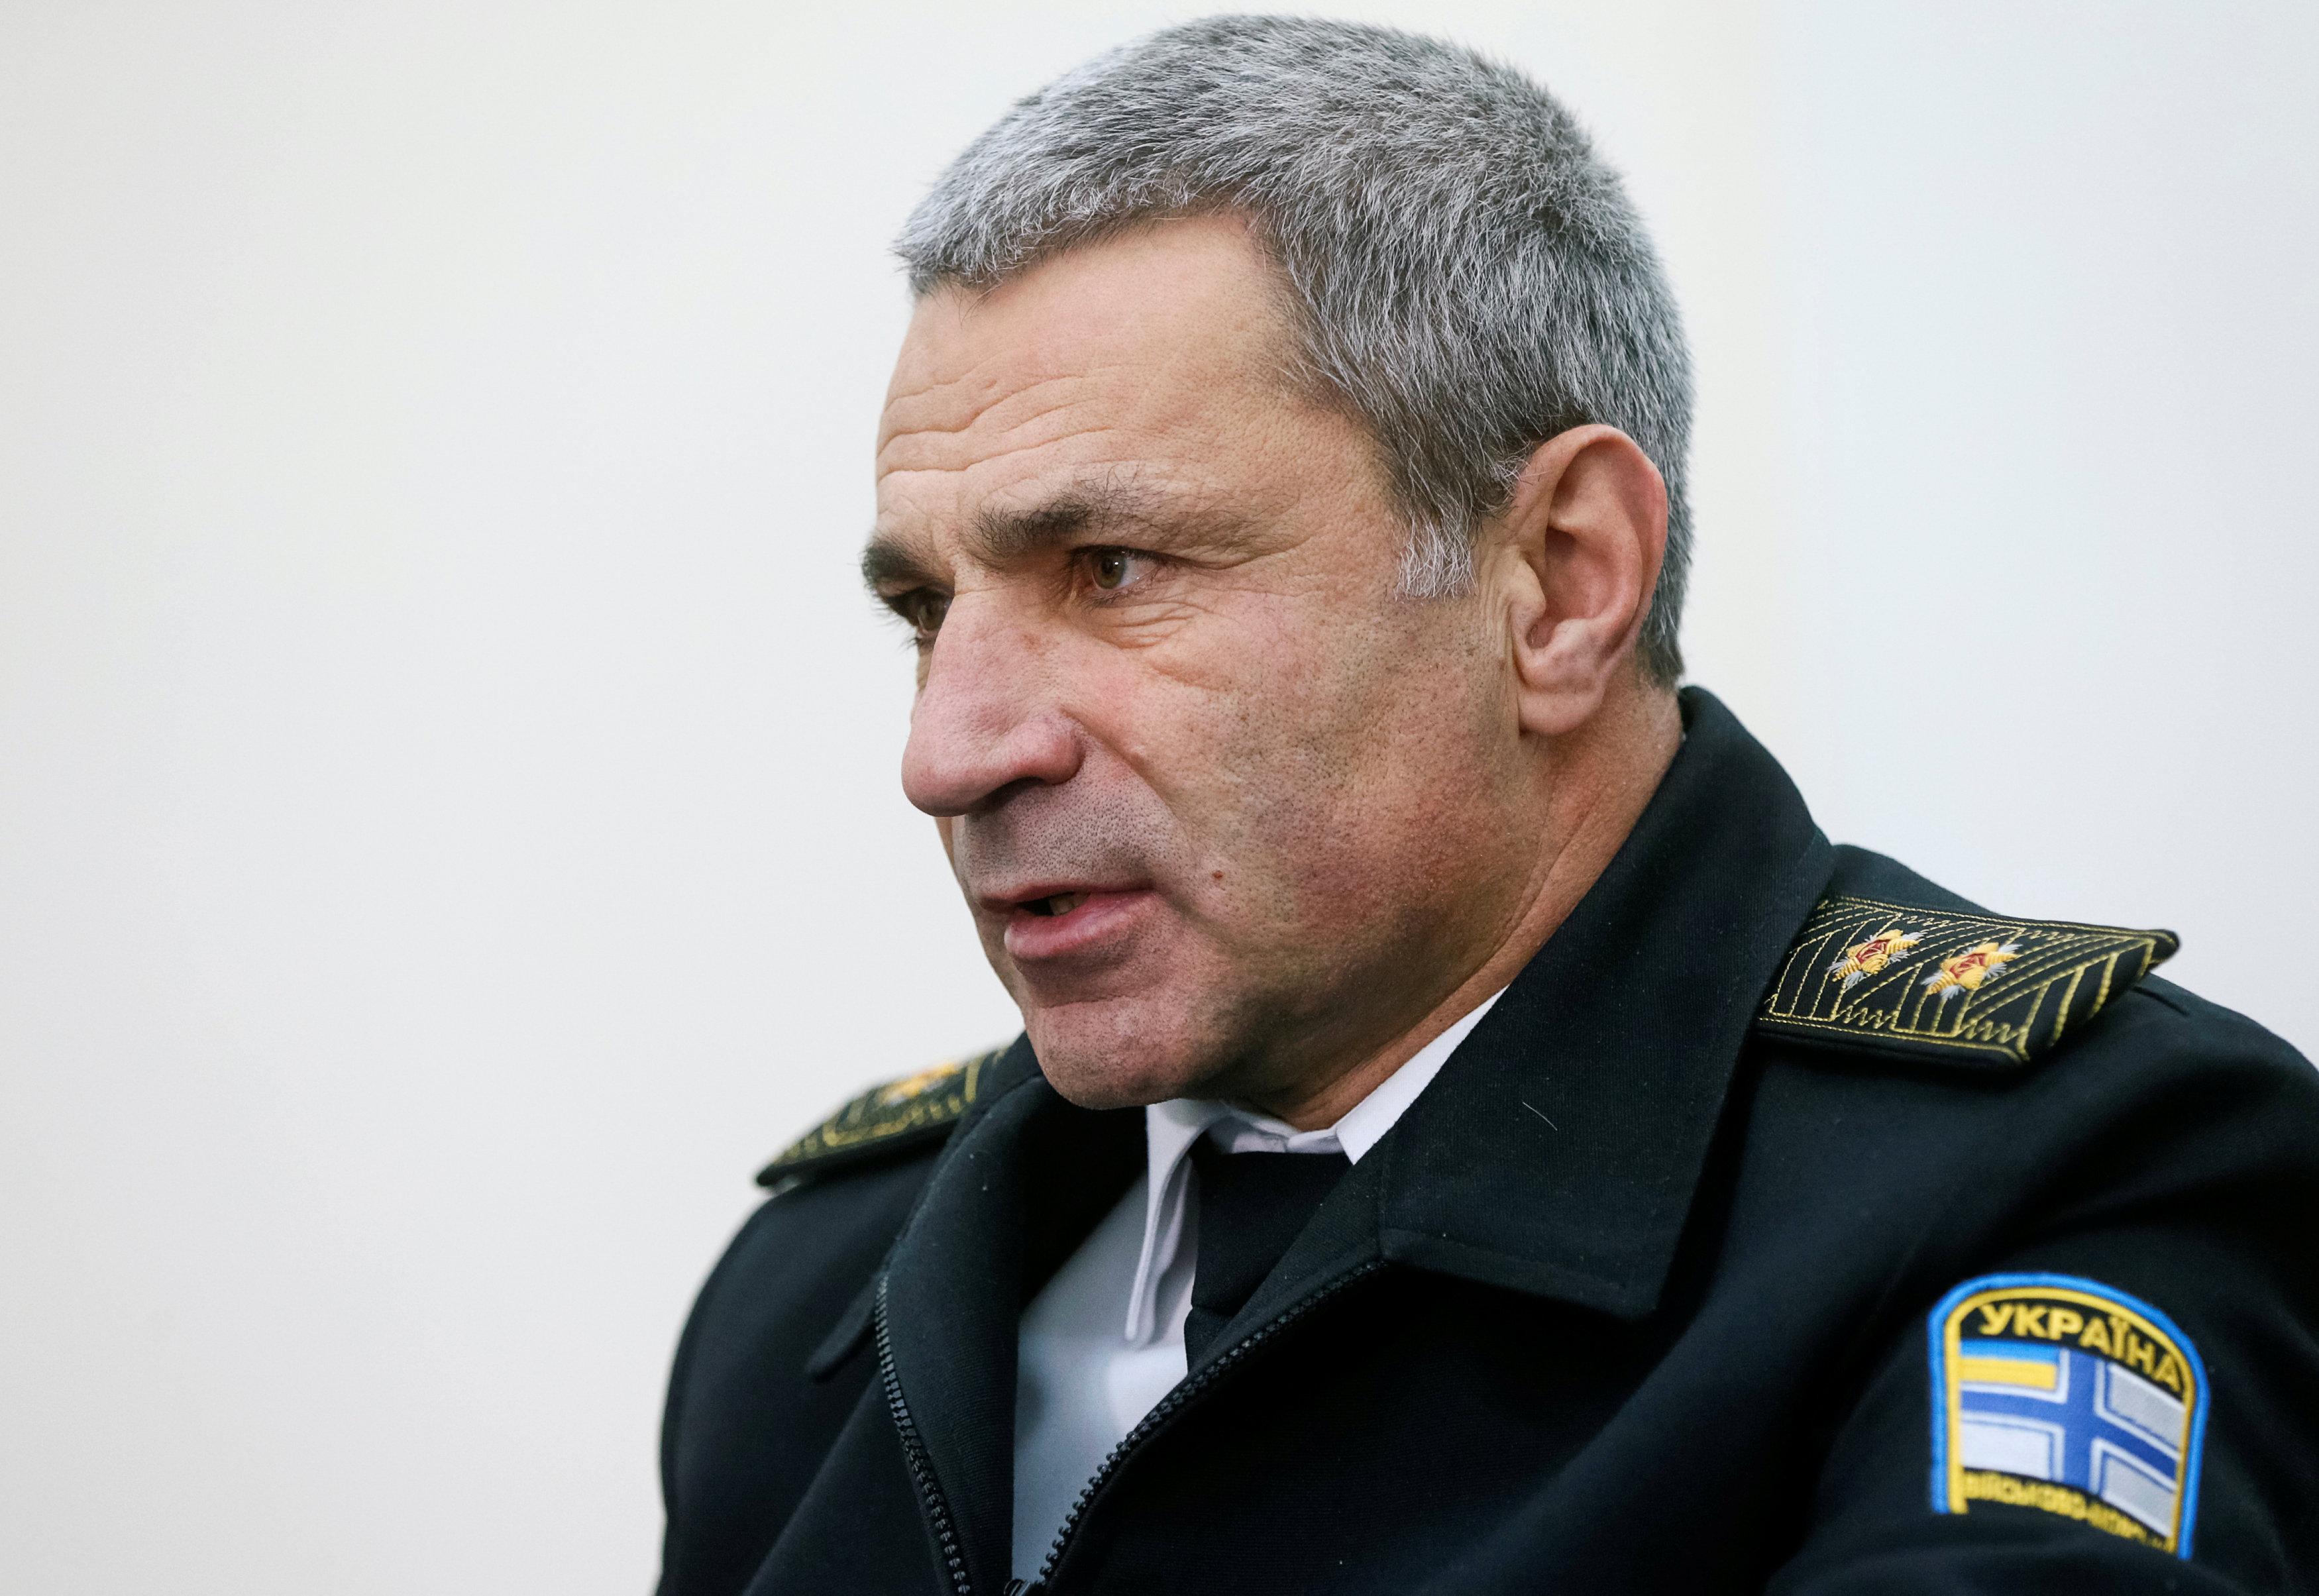 Vice Admiral Ihor Voronchenko, commander of the Ukrainian Navy, speaks during an interview with Reuters in Kiev, Ukraine,